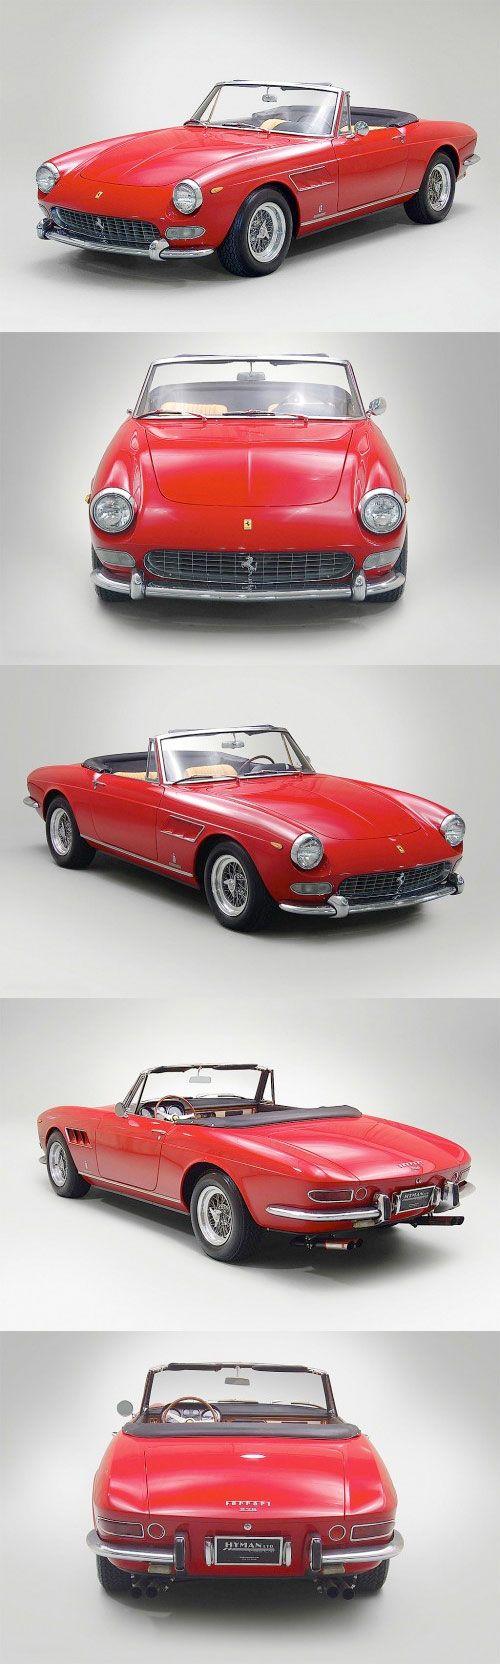 フェラーリ 275 GTS 1966